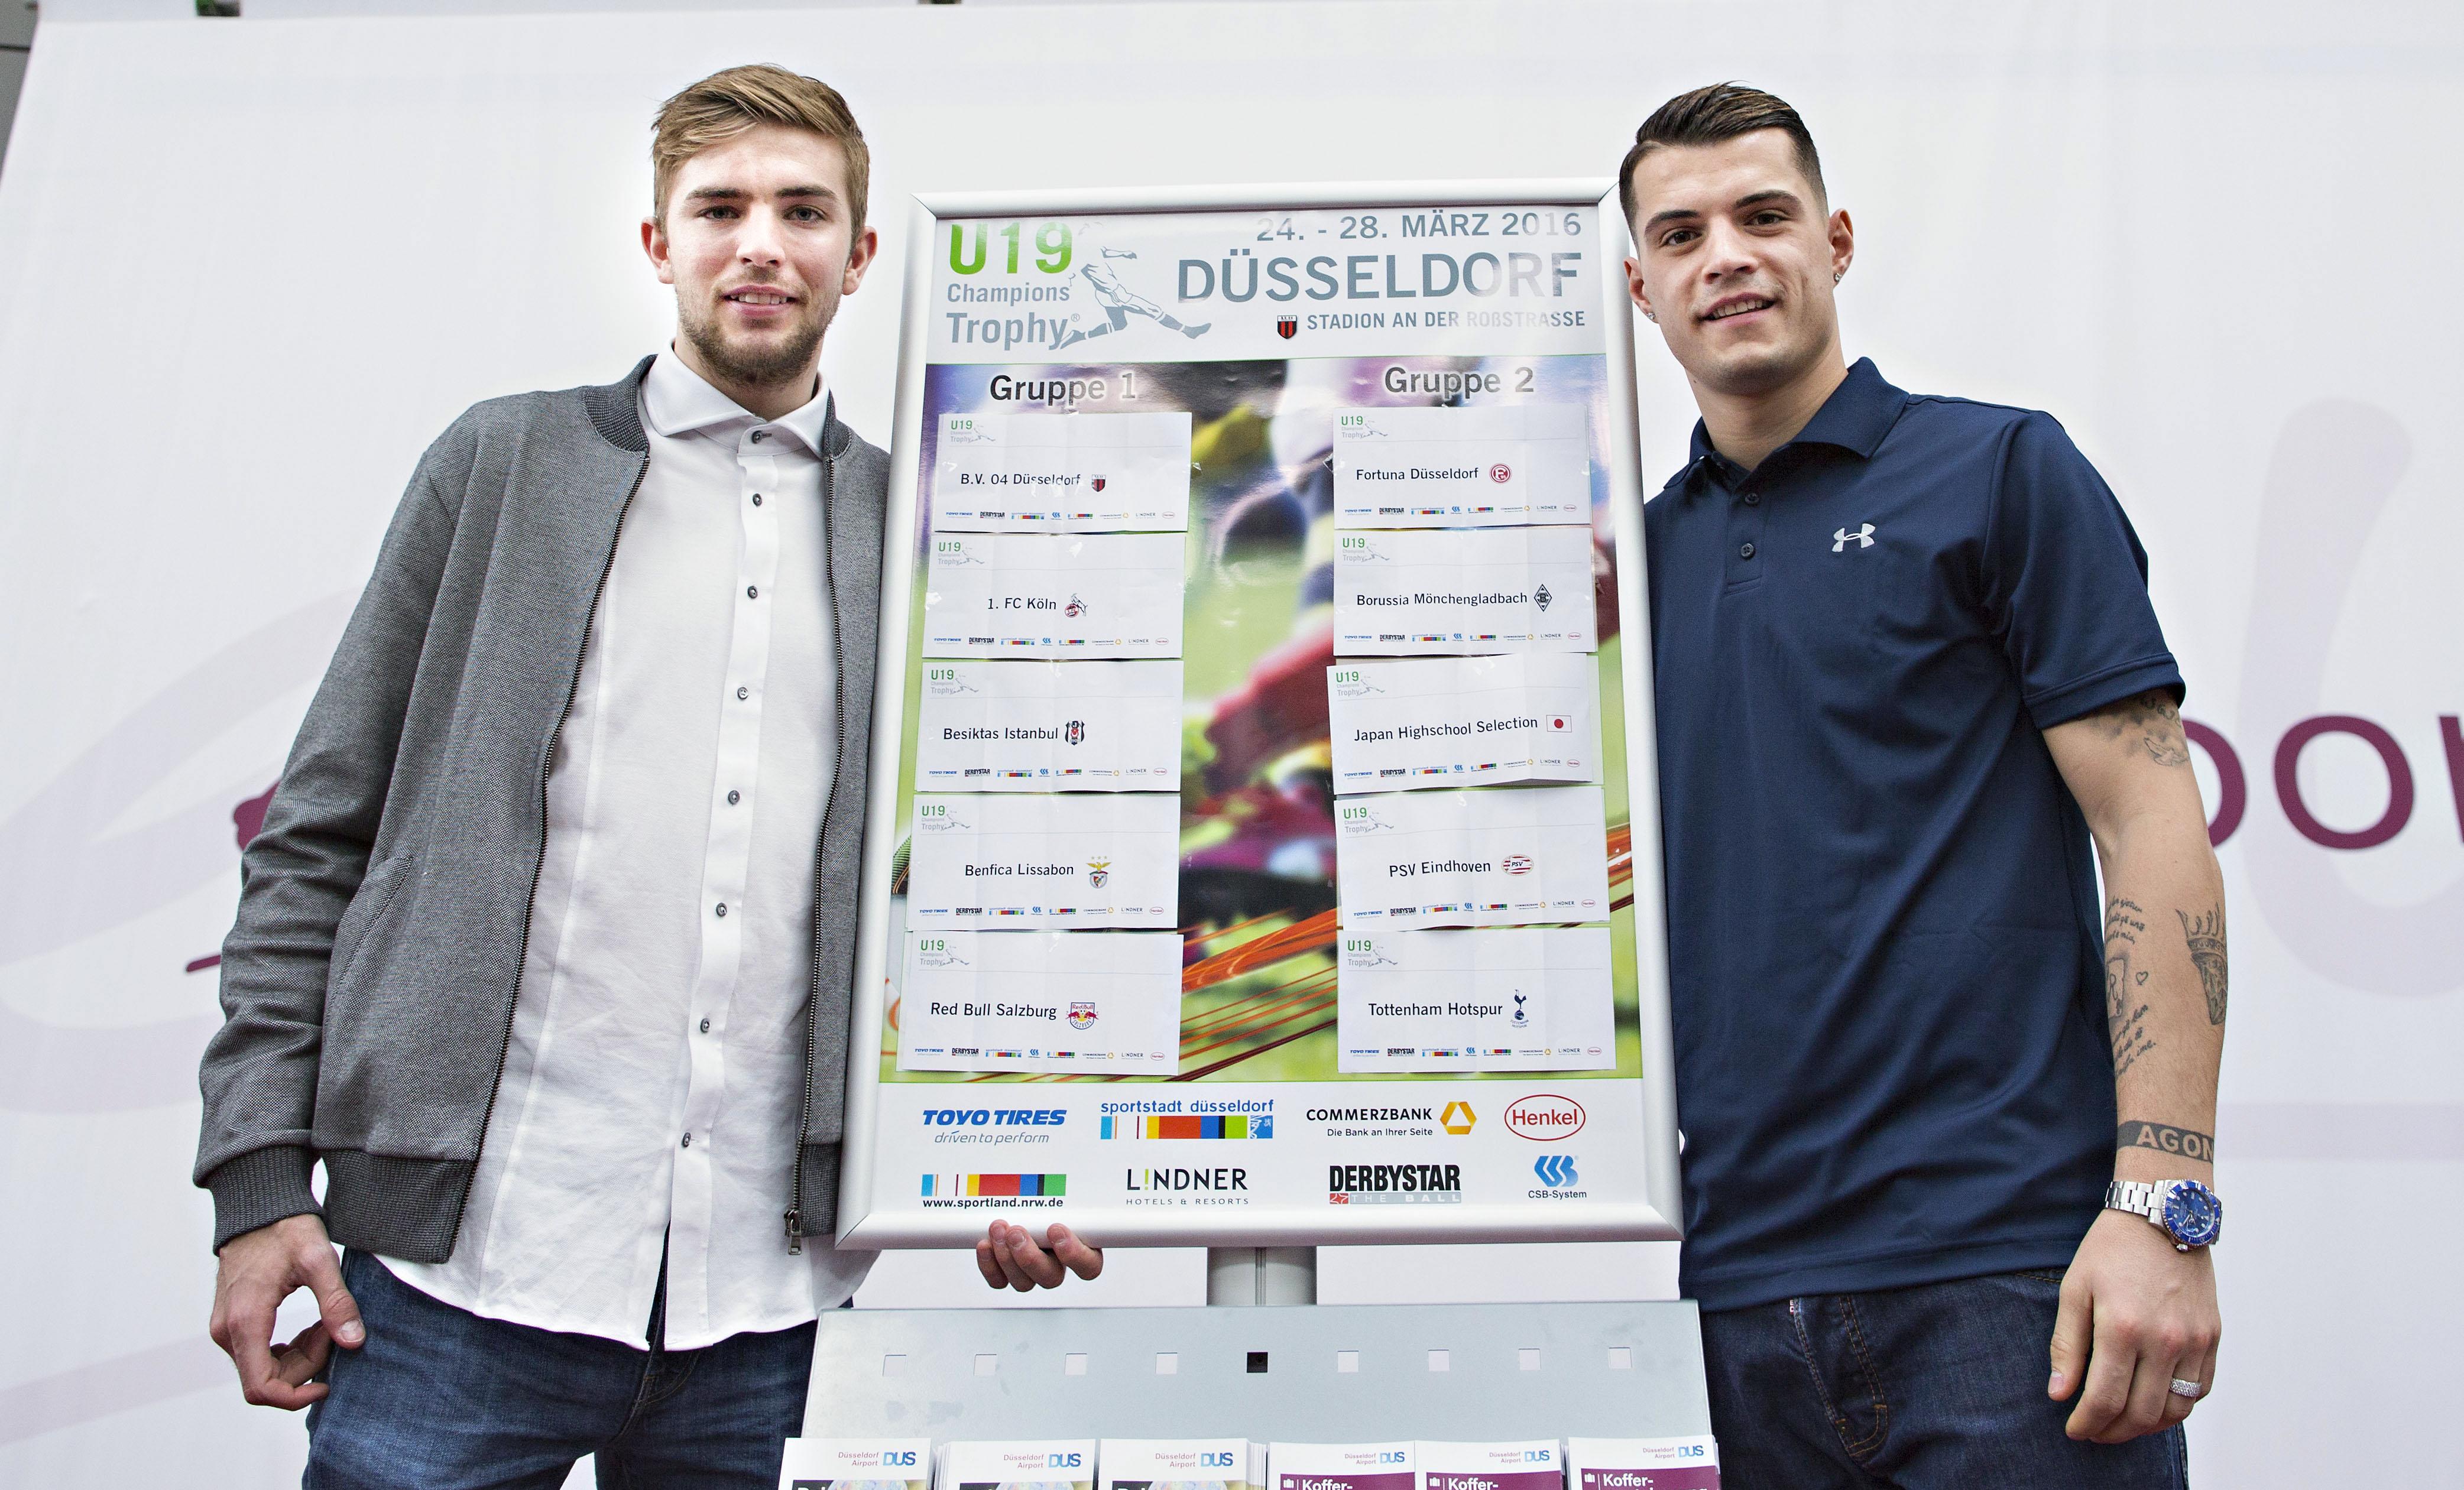 Gruppen für U19 Champions Trophy ausgelost (Foto: Moritz Müller)